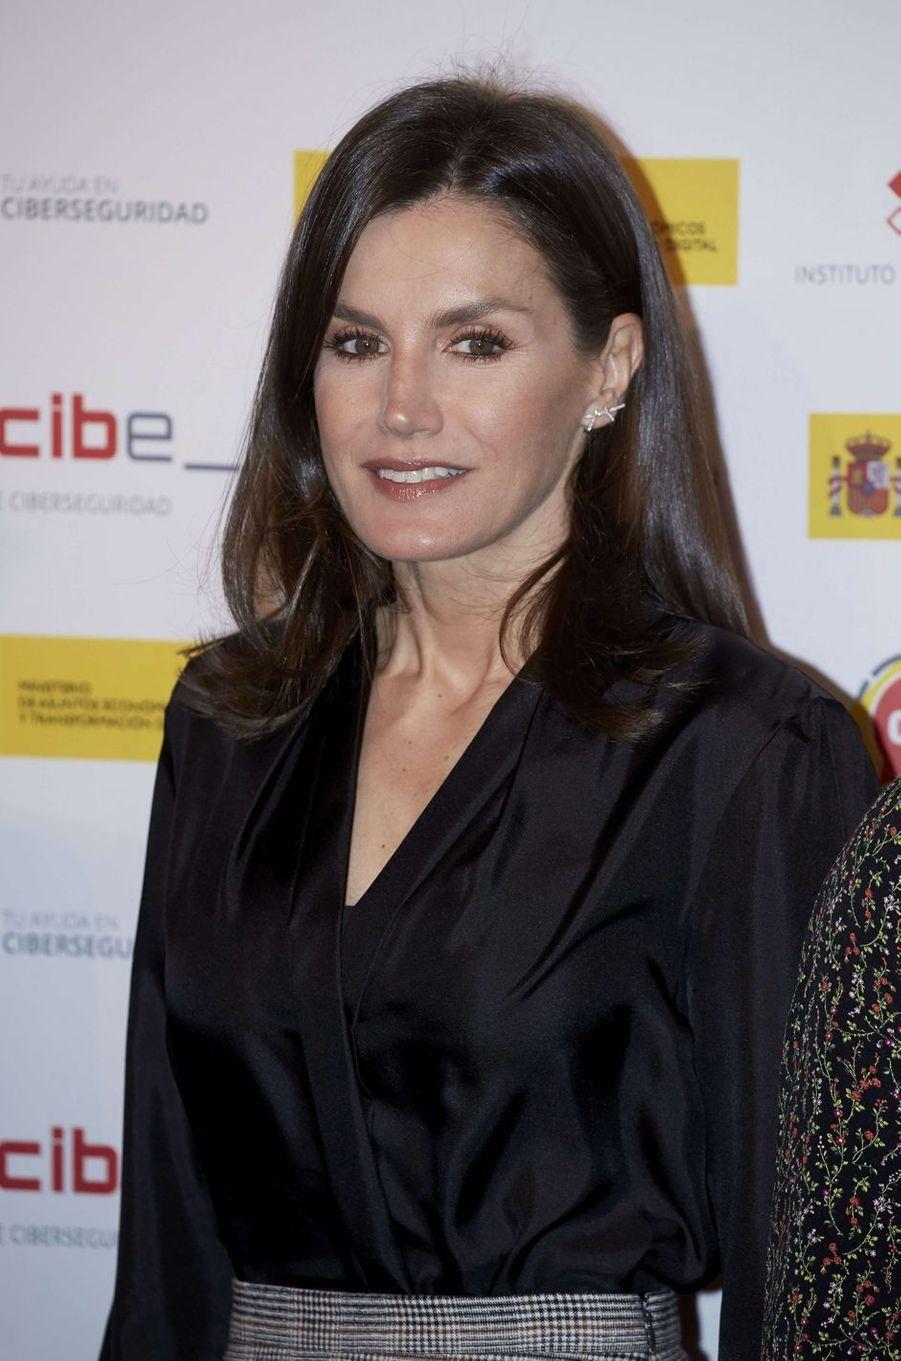 La reine Letizia d'Espagne, le 11 février 2020 à Madrid